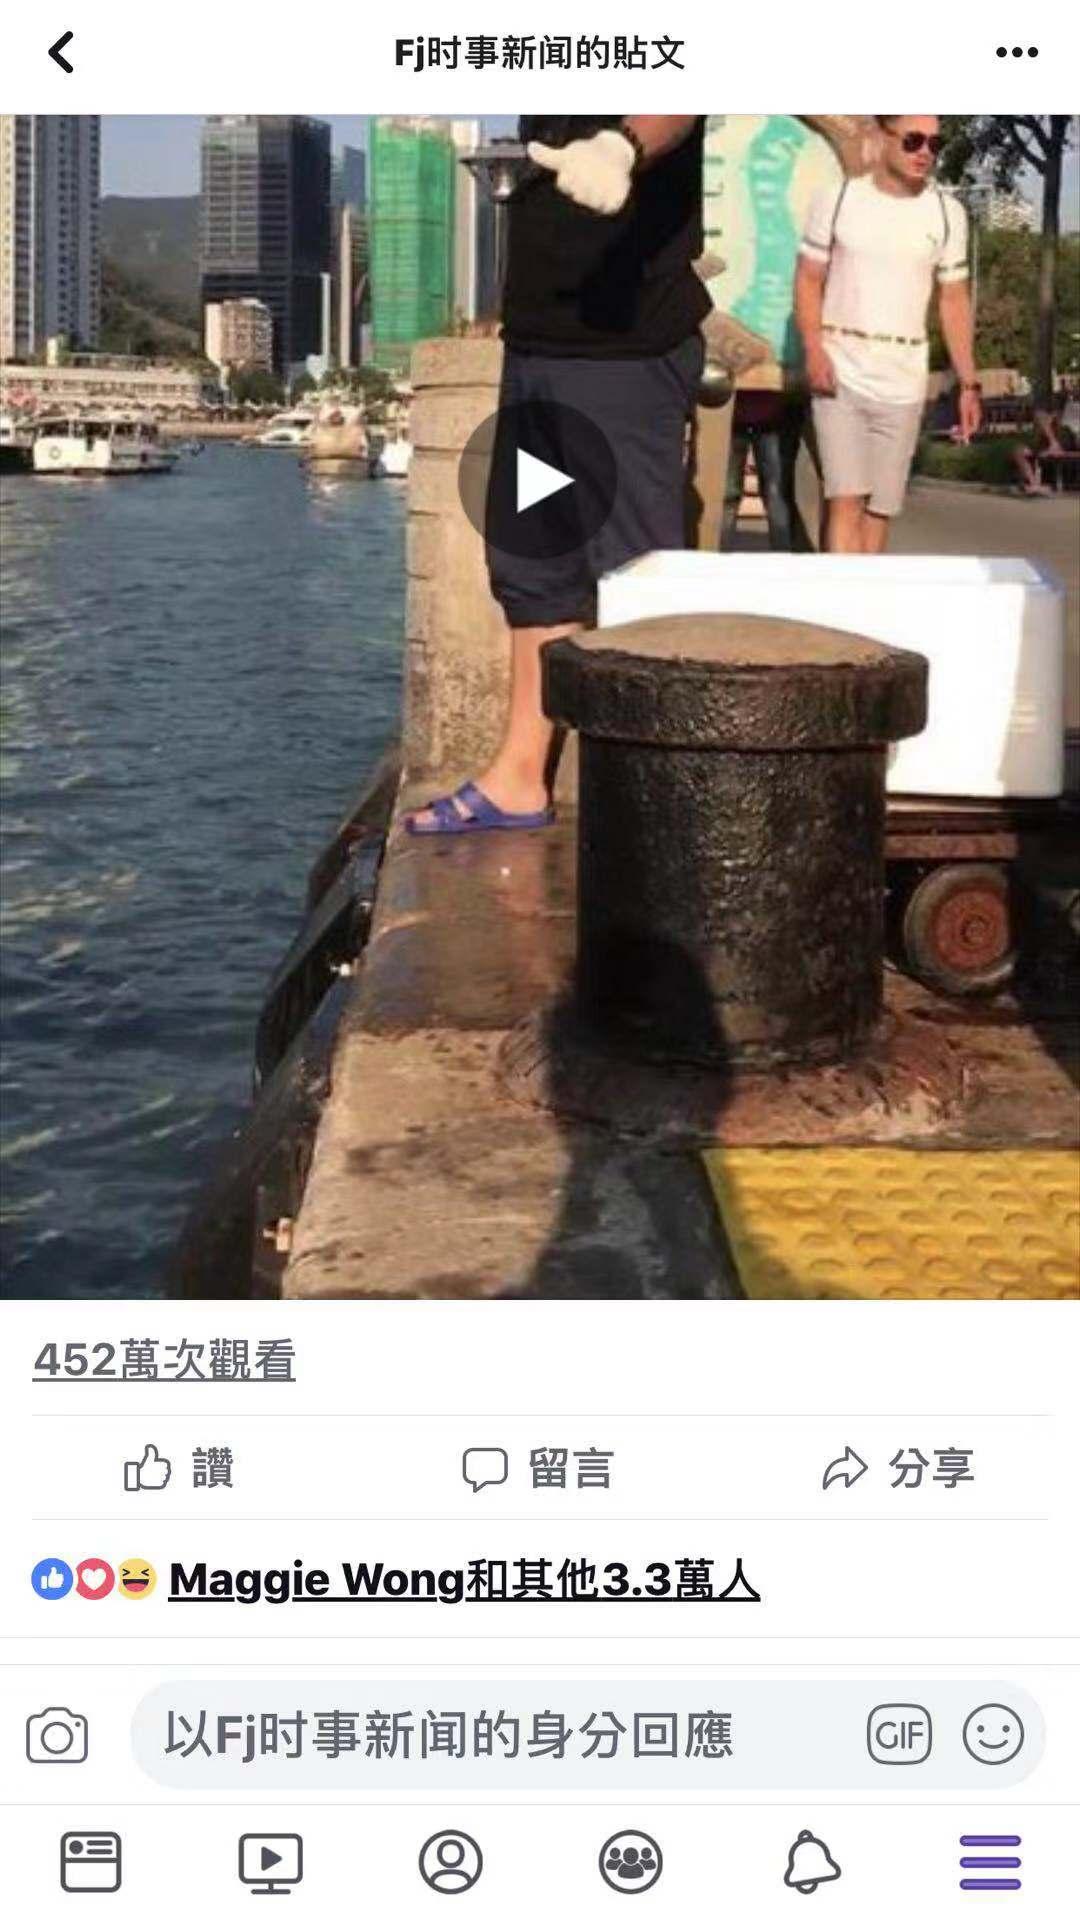 江東良一制作的影片《般若心經》,短短幾個月,觀看次數已達452萬人次